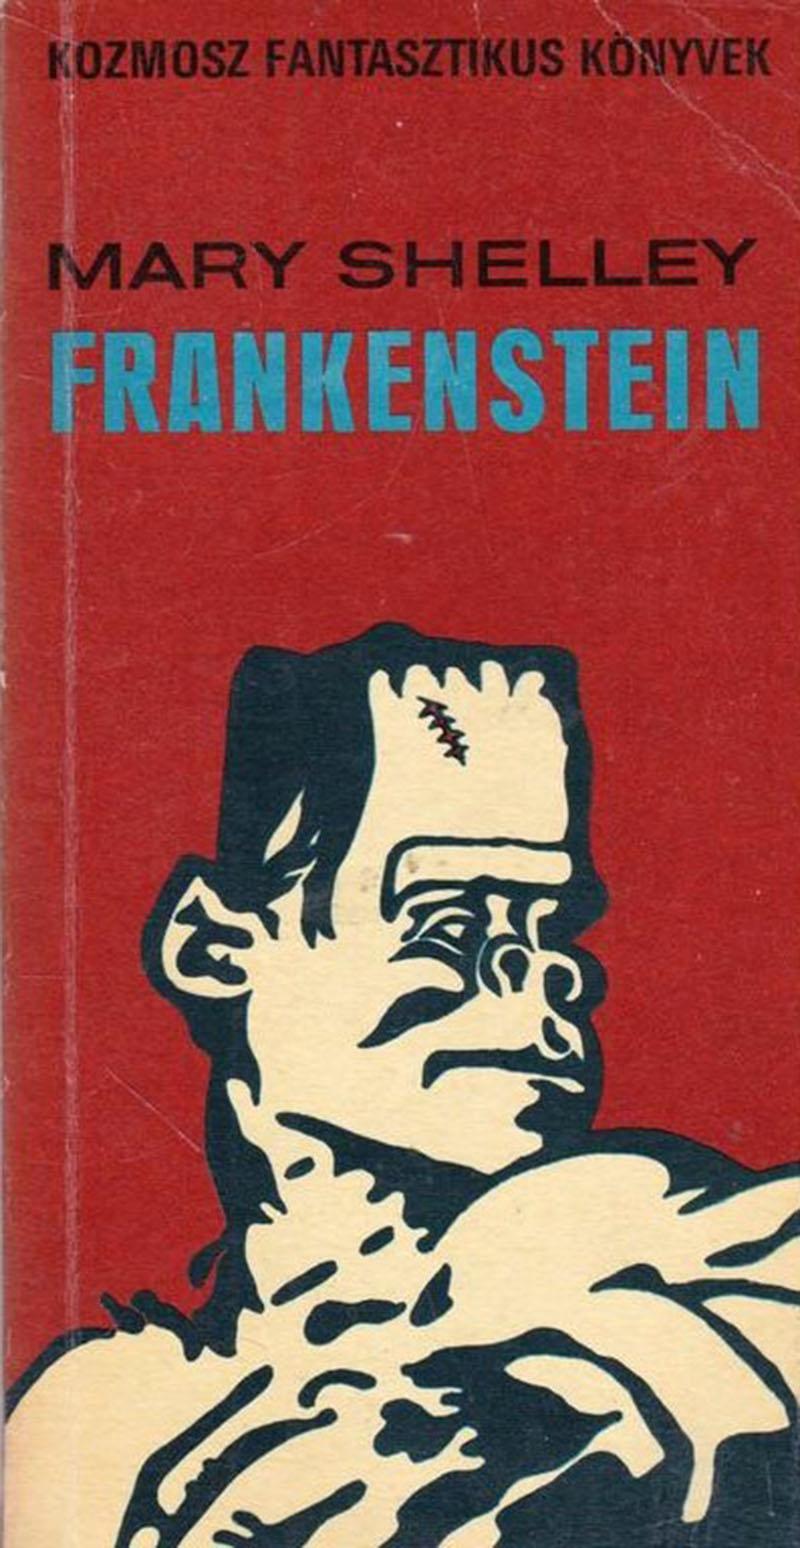 Mary Shelley: Frankenstein, avagy a modern Prométheusz